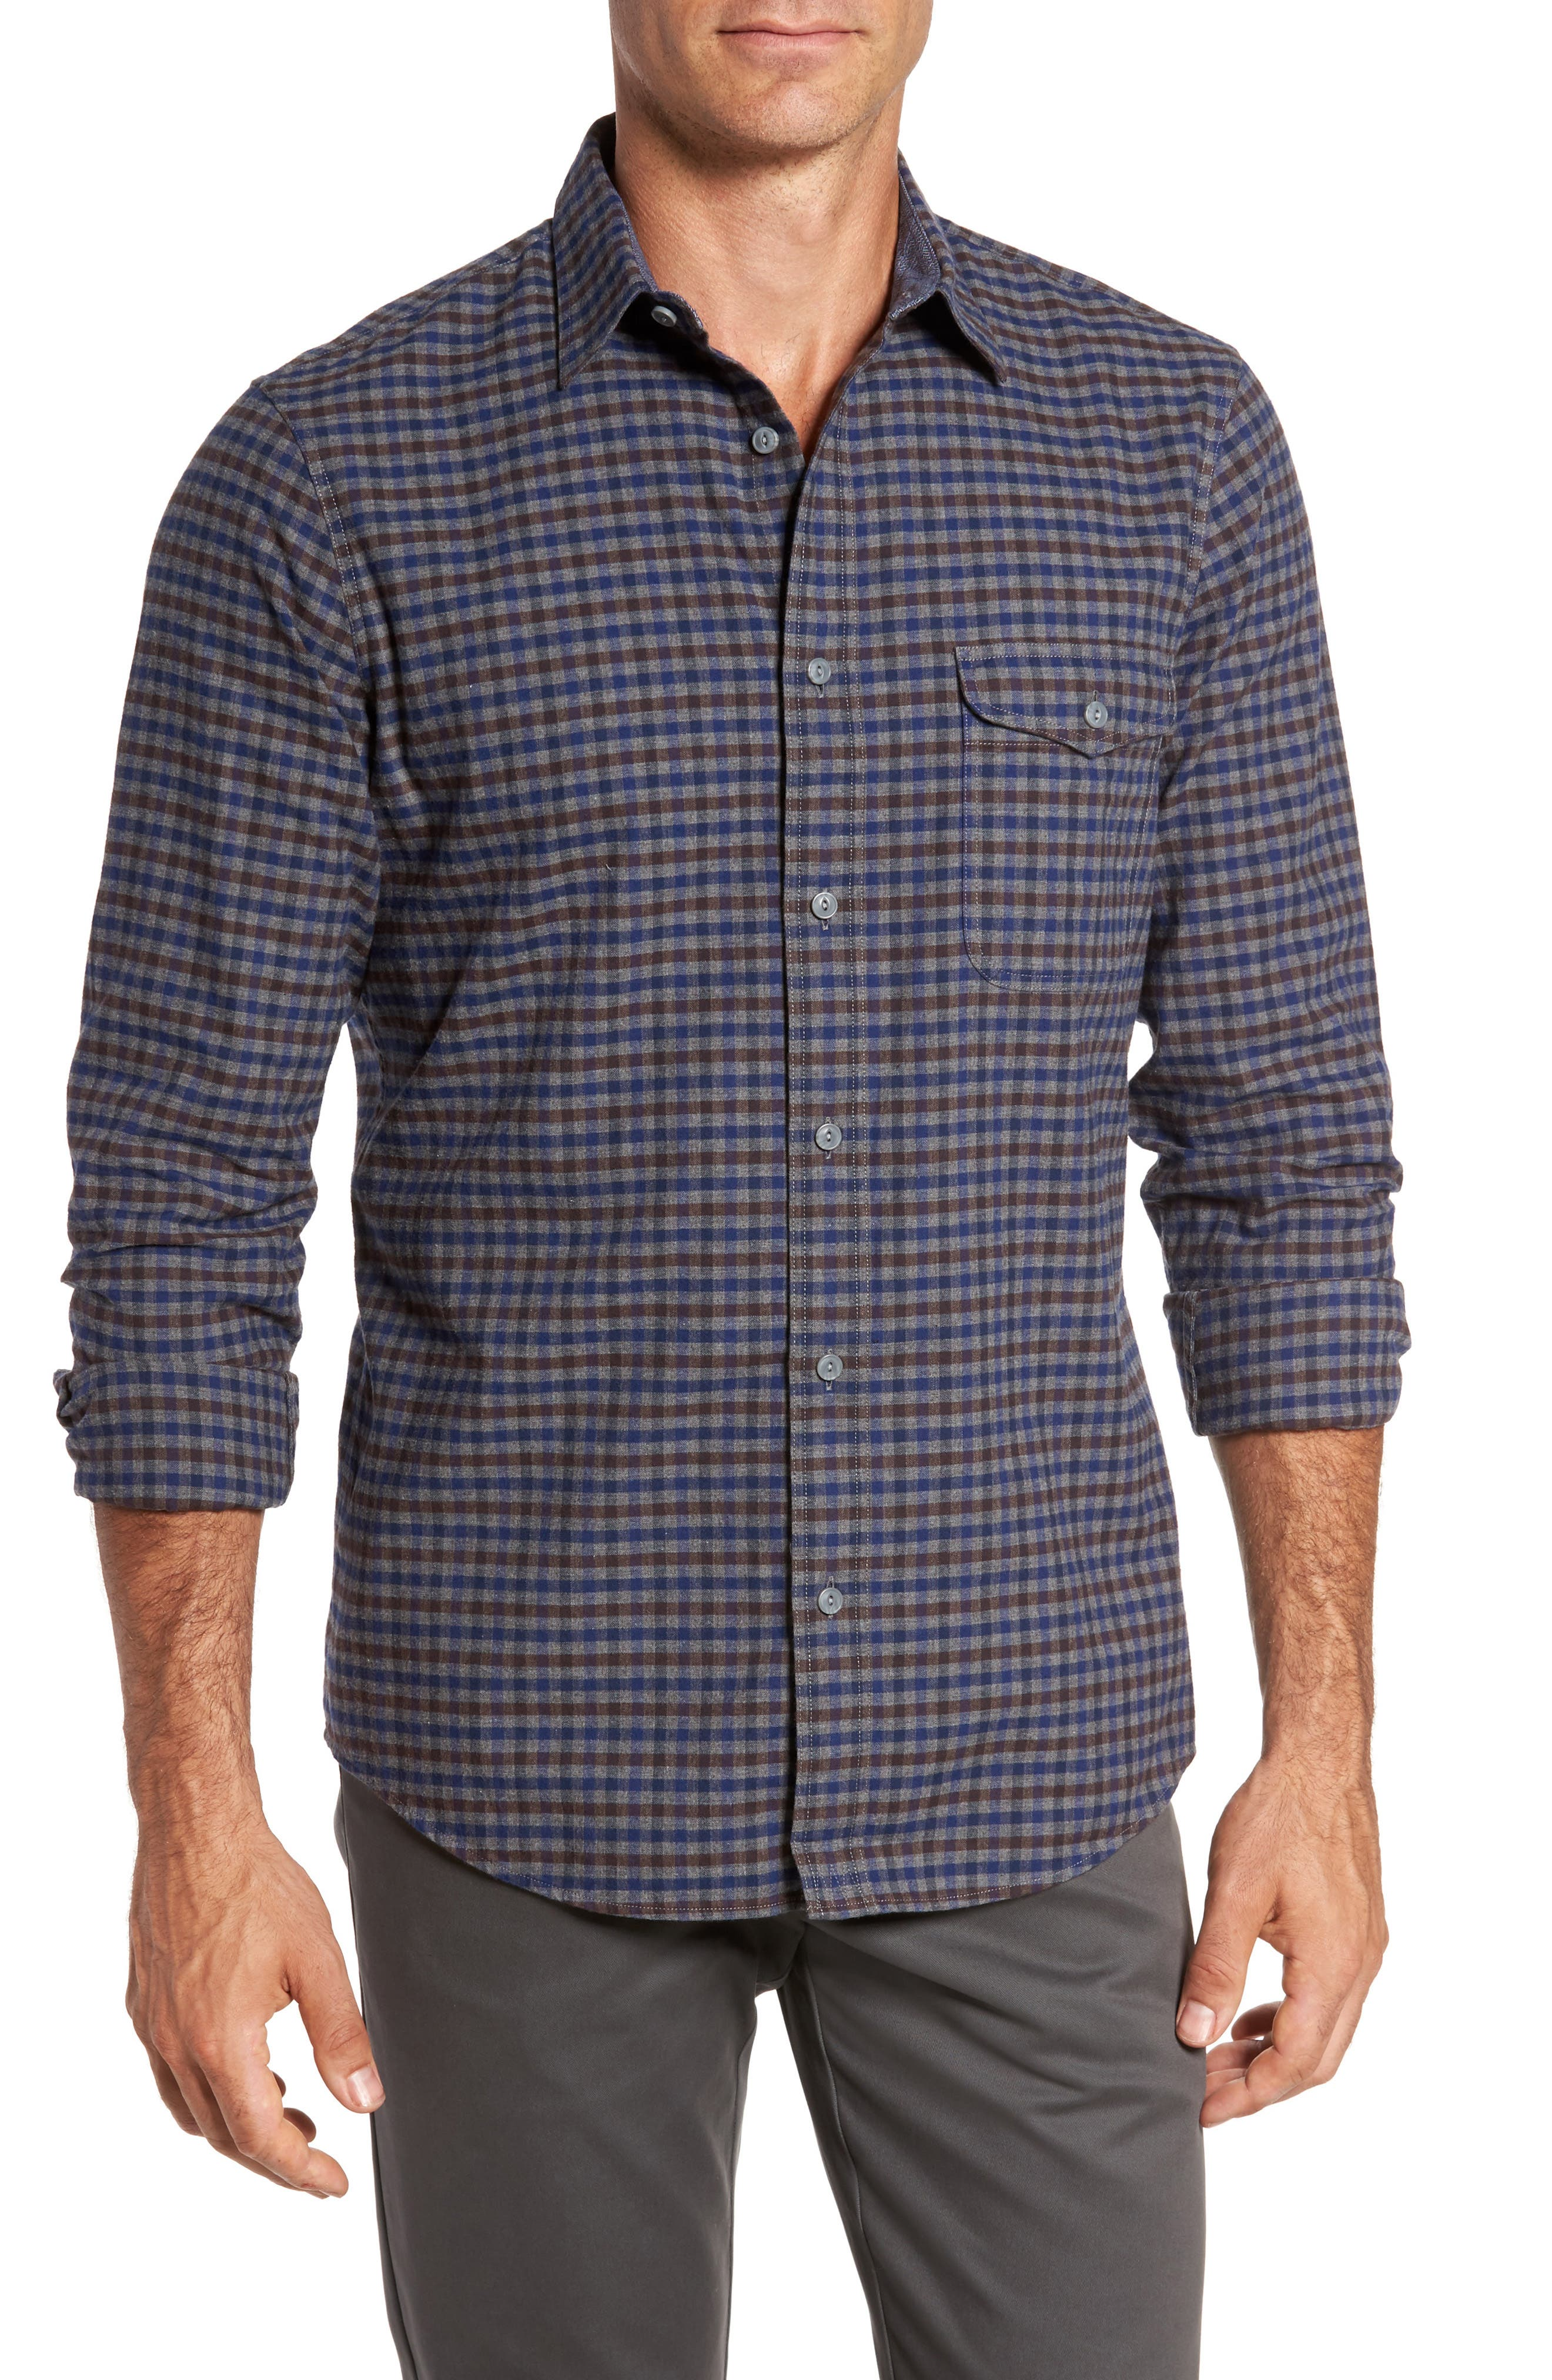 Main Image - Nordstrom Men's Shop Regular Fit Lumber Check Flannel Shirt